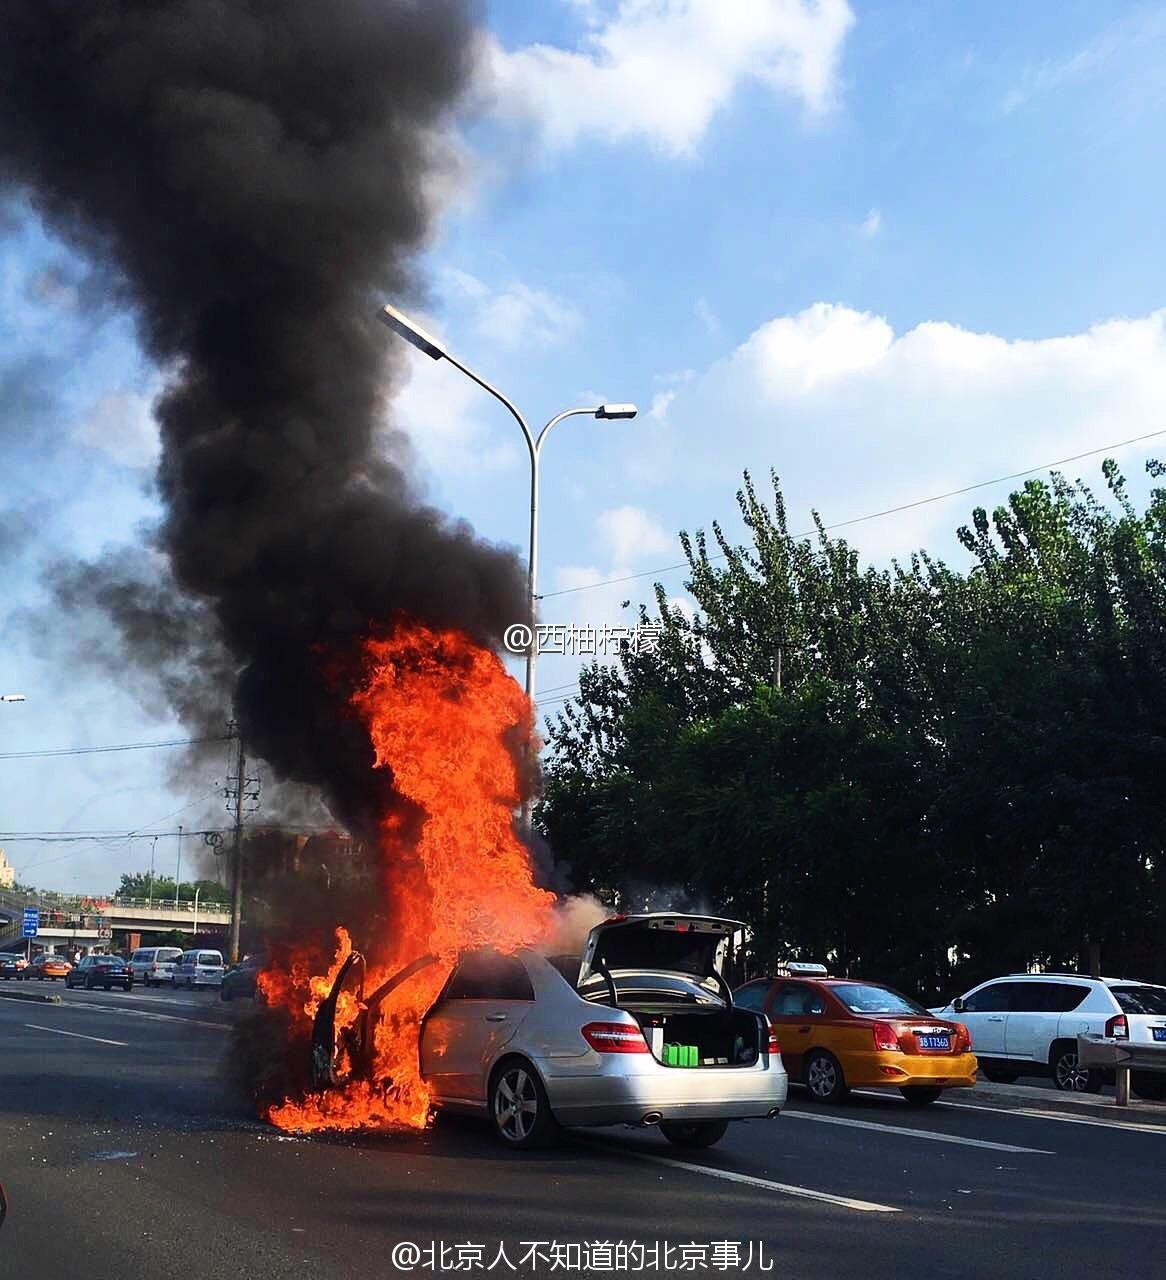 北四环西向东方向宜家正对面汽车着火燃烧 四环堵车